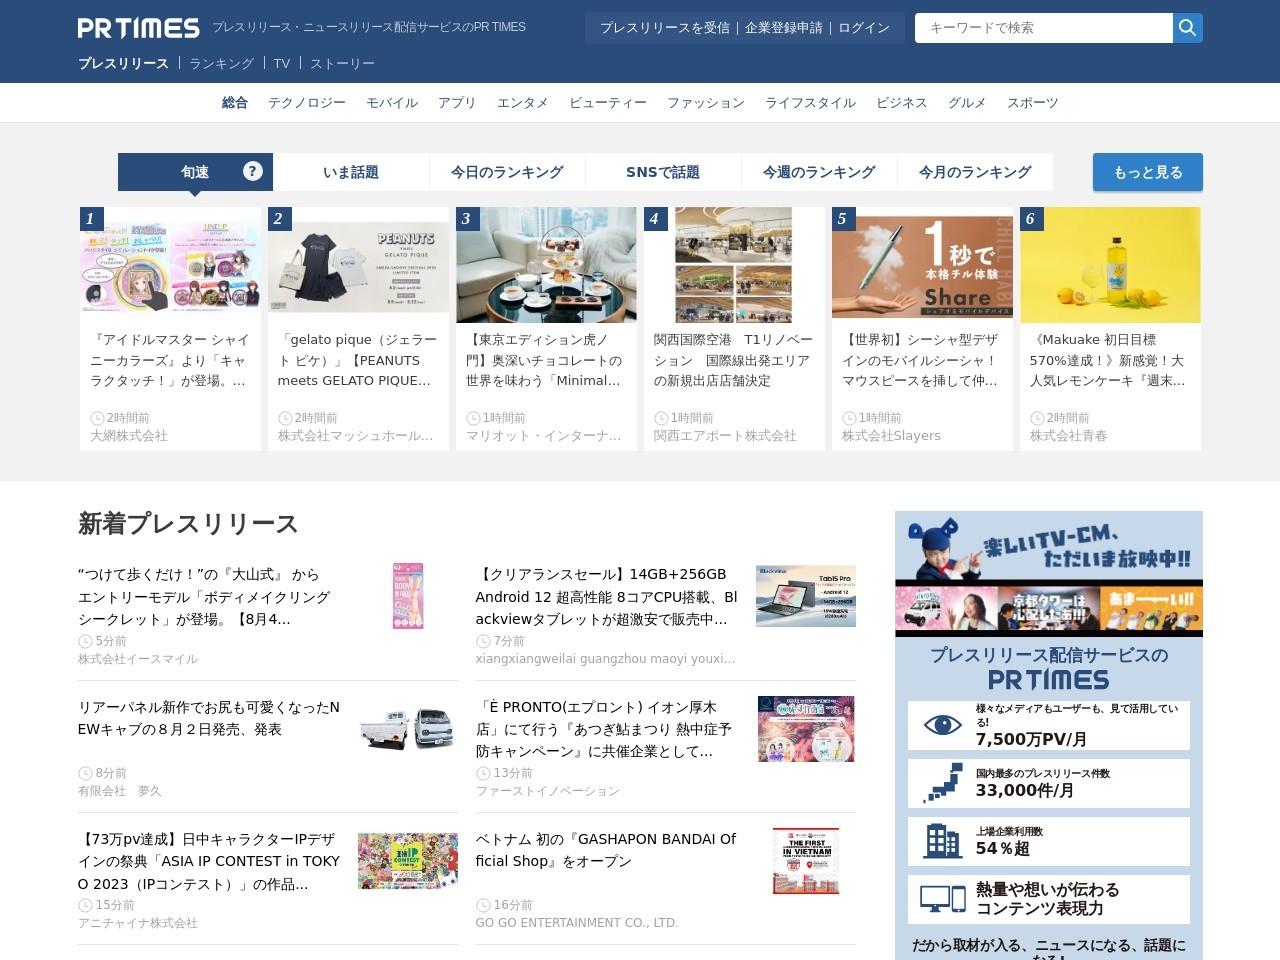 【自動投稿】 2021年【初】Macユーザー向け「ソフト・アプリ」SALEキャンペーン | Wondershare EdrawMax …